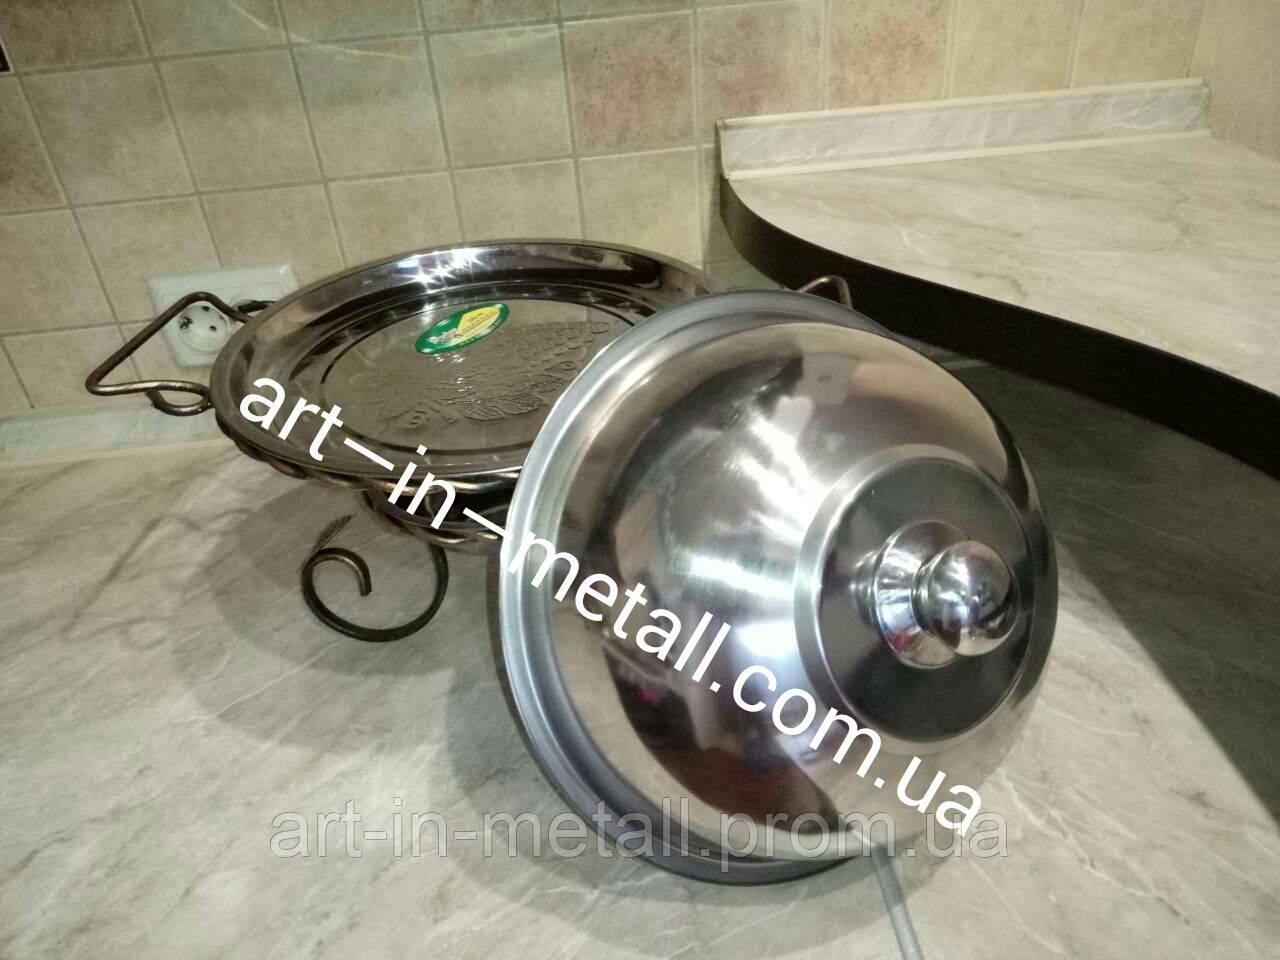 Подставка для шашлыка САДЖ Vip 28 см с крышкой